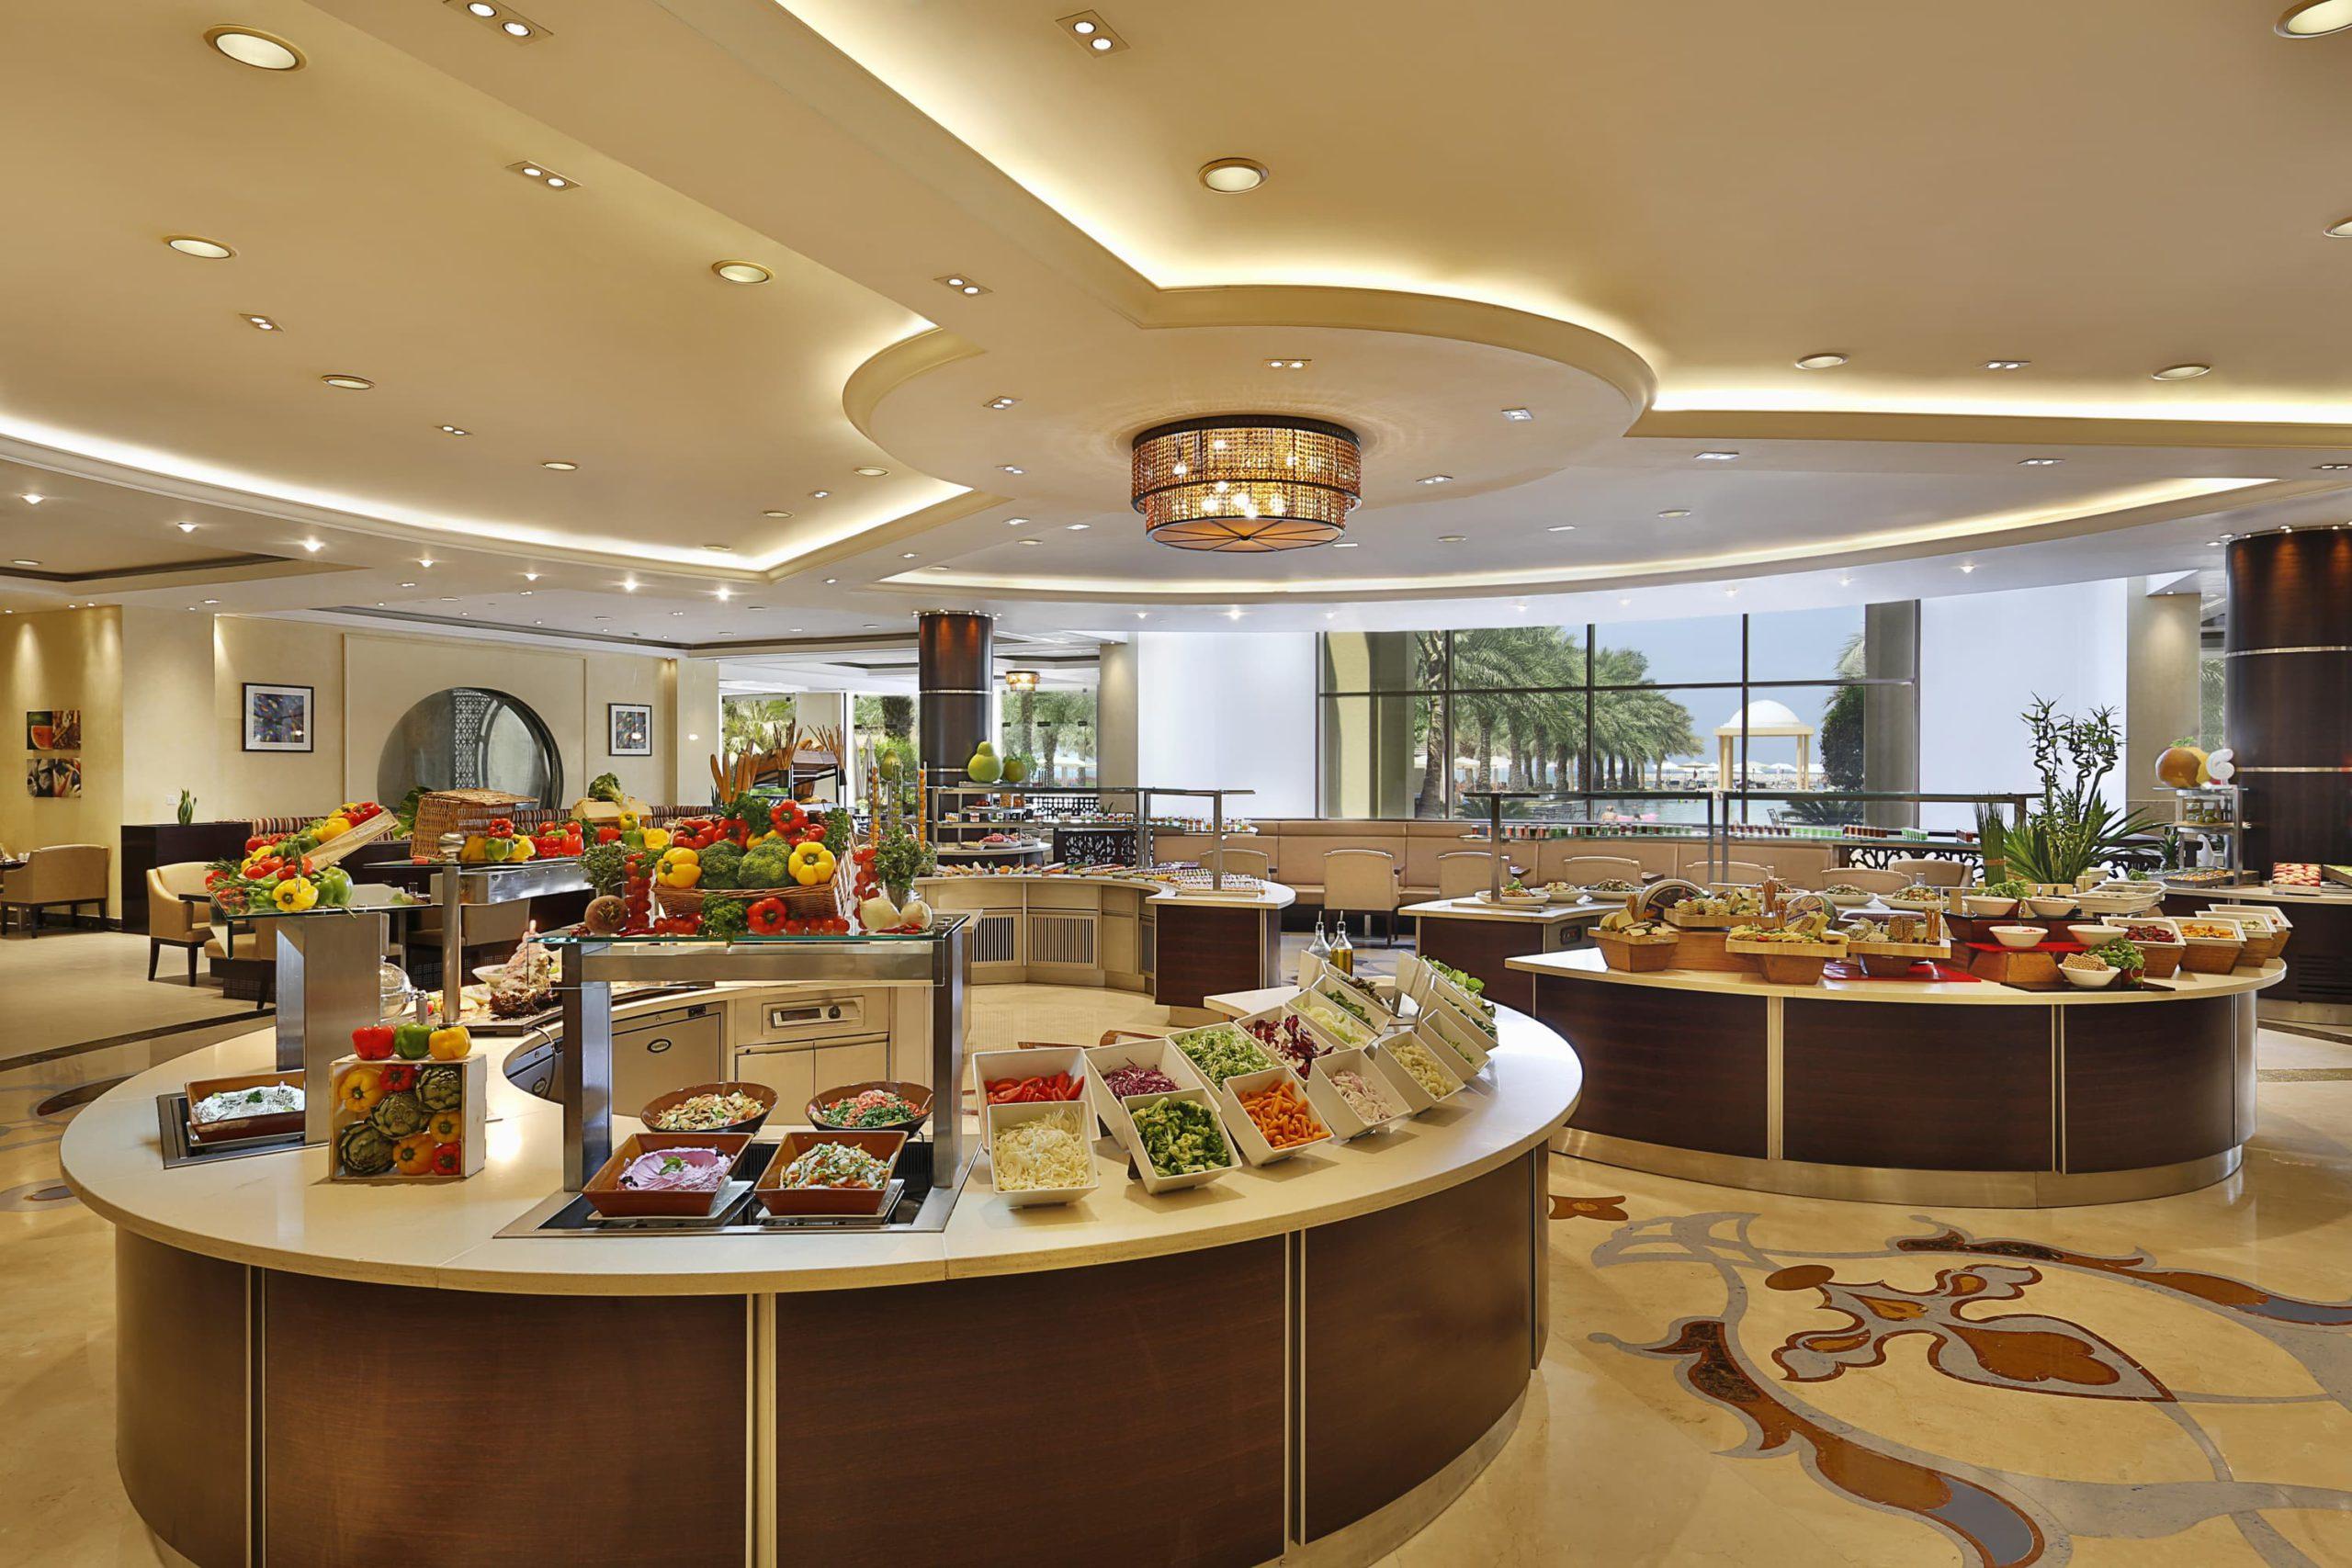 Отель Хилтон (Hiton)в Рас Аль Хайма